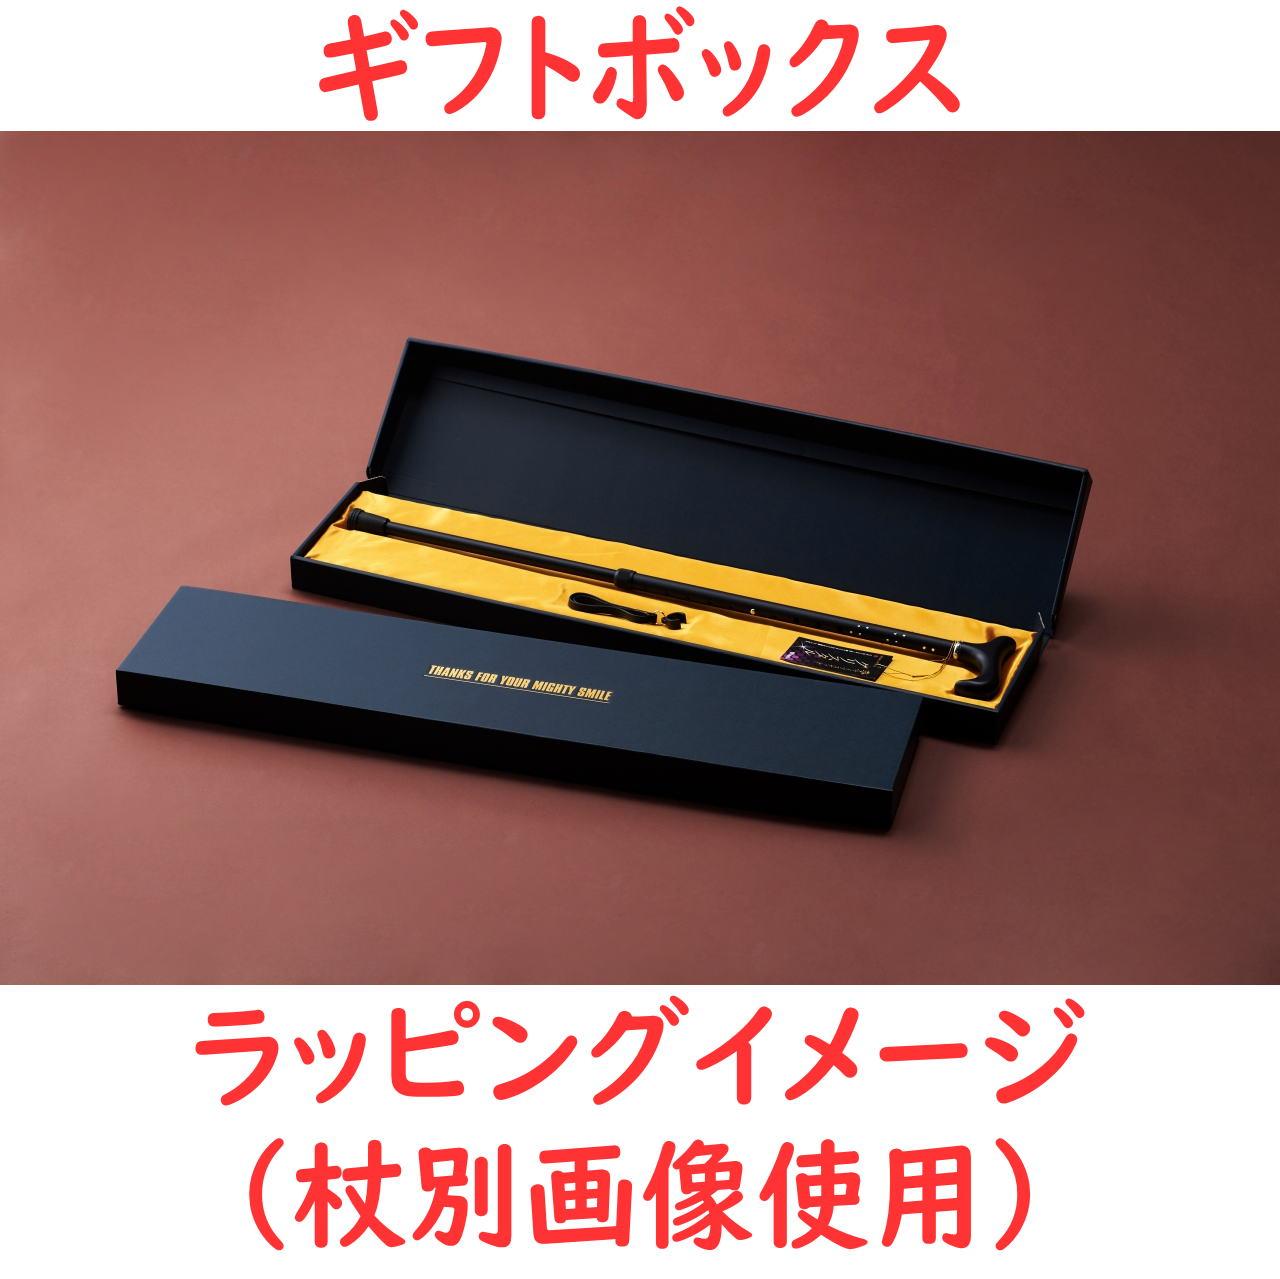 ☆ギフトボックス可☆ 夢ライフステッキ 伸縮型(スリムタイプ) ブラック